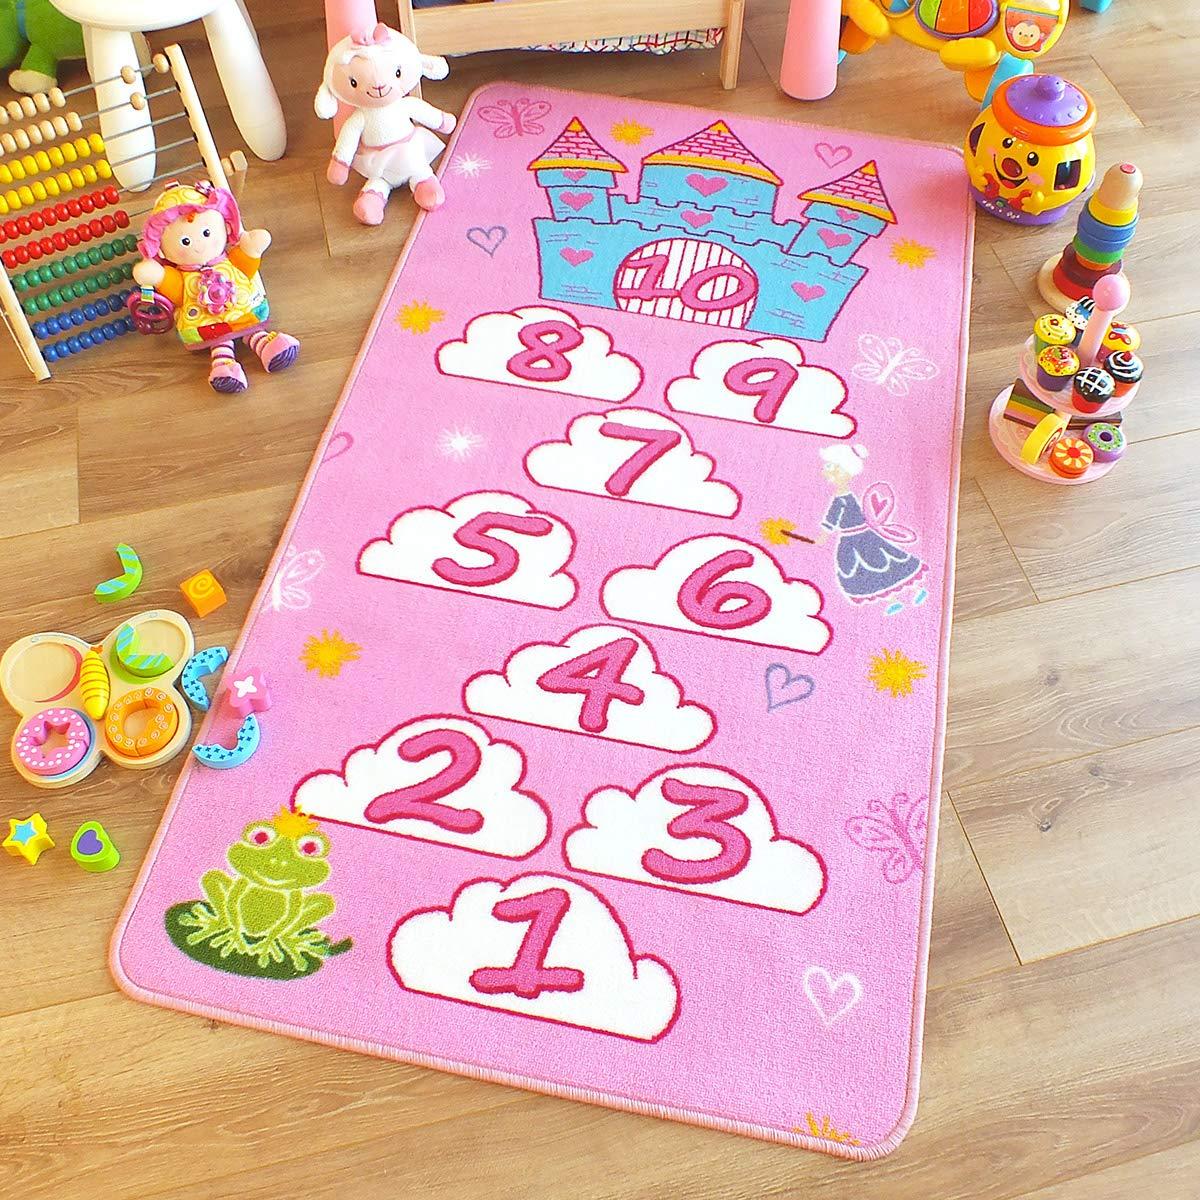 The Good Rug Company - Tappeto con disegno di gioco della campana e castello, 80 x 150 cm, colore: rosa